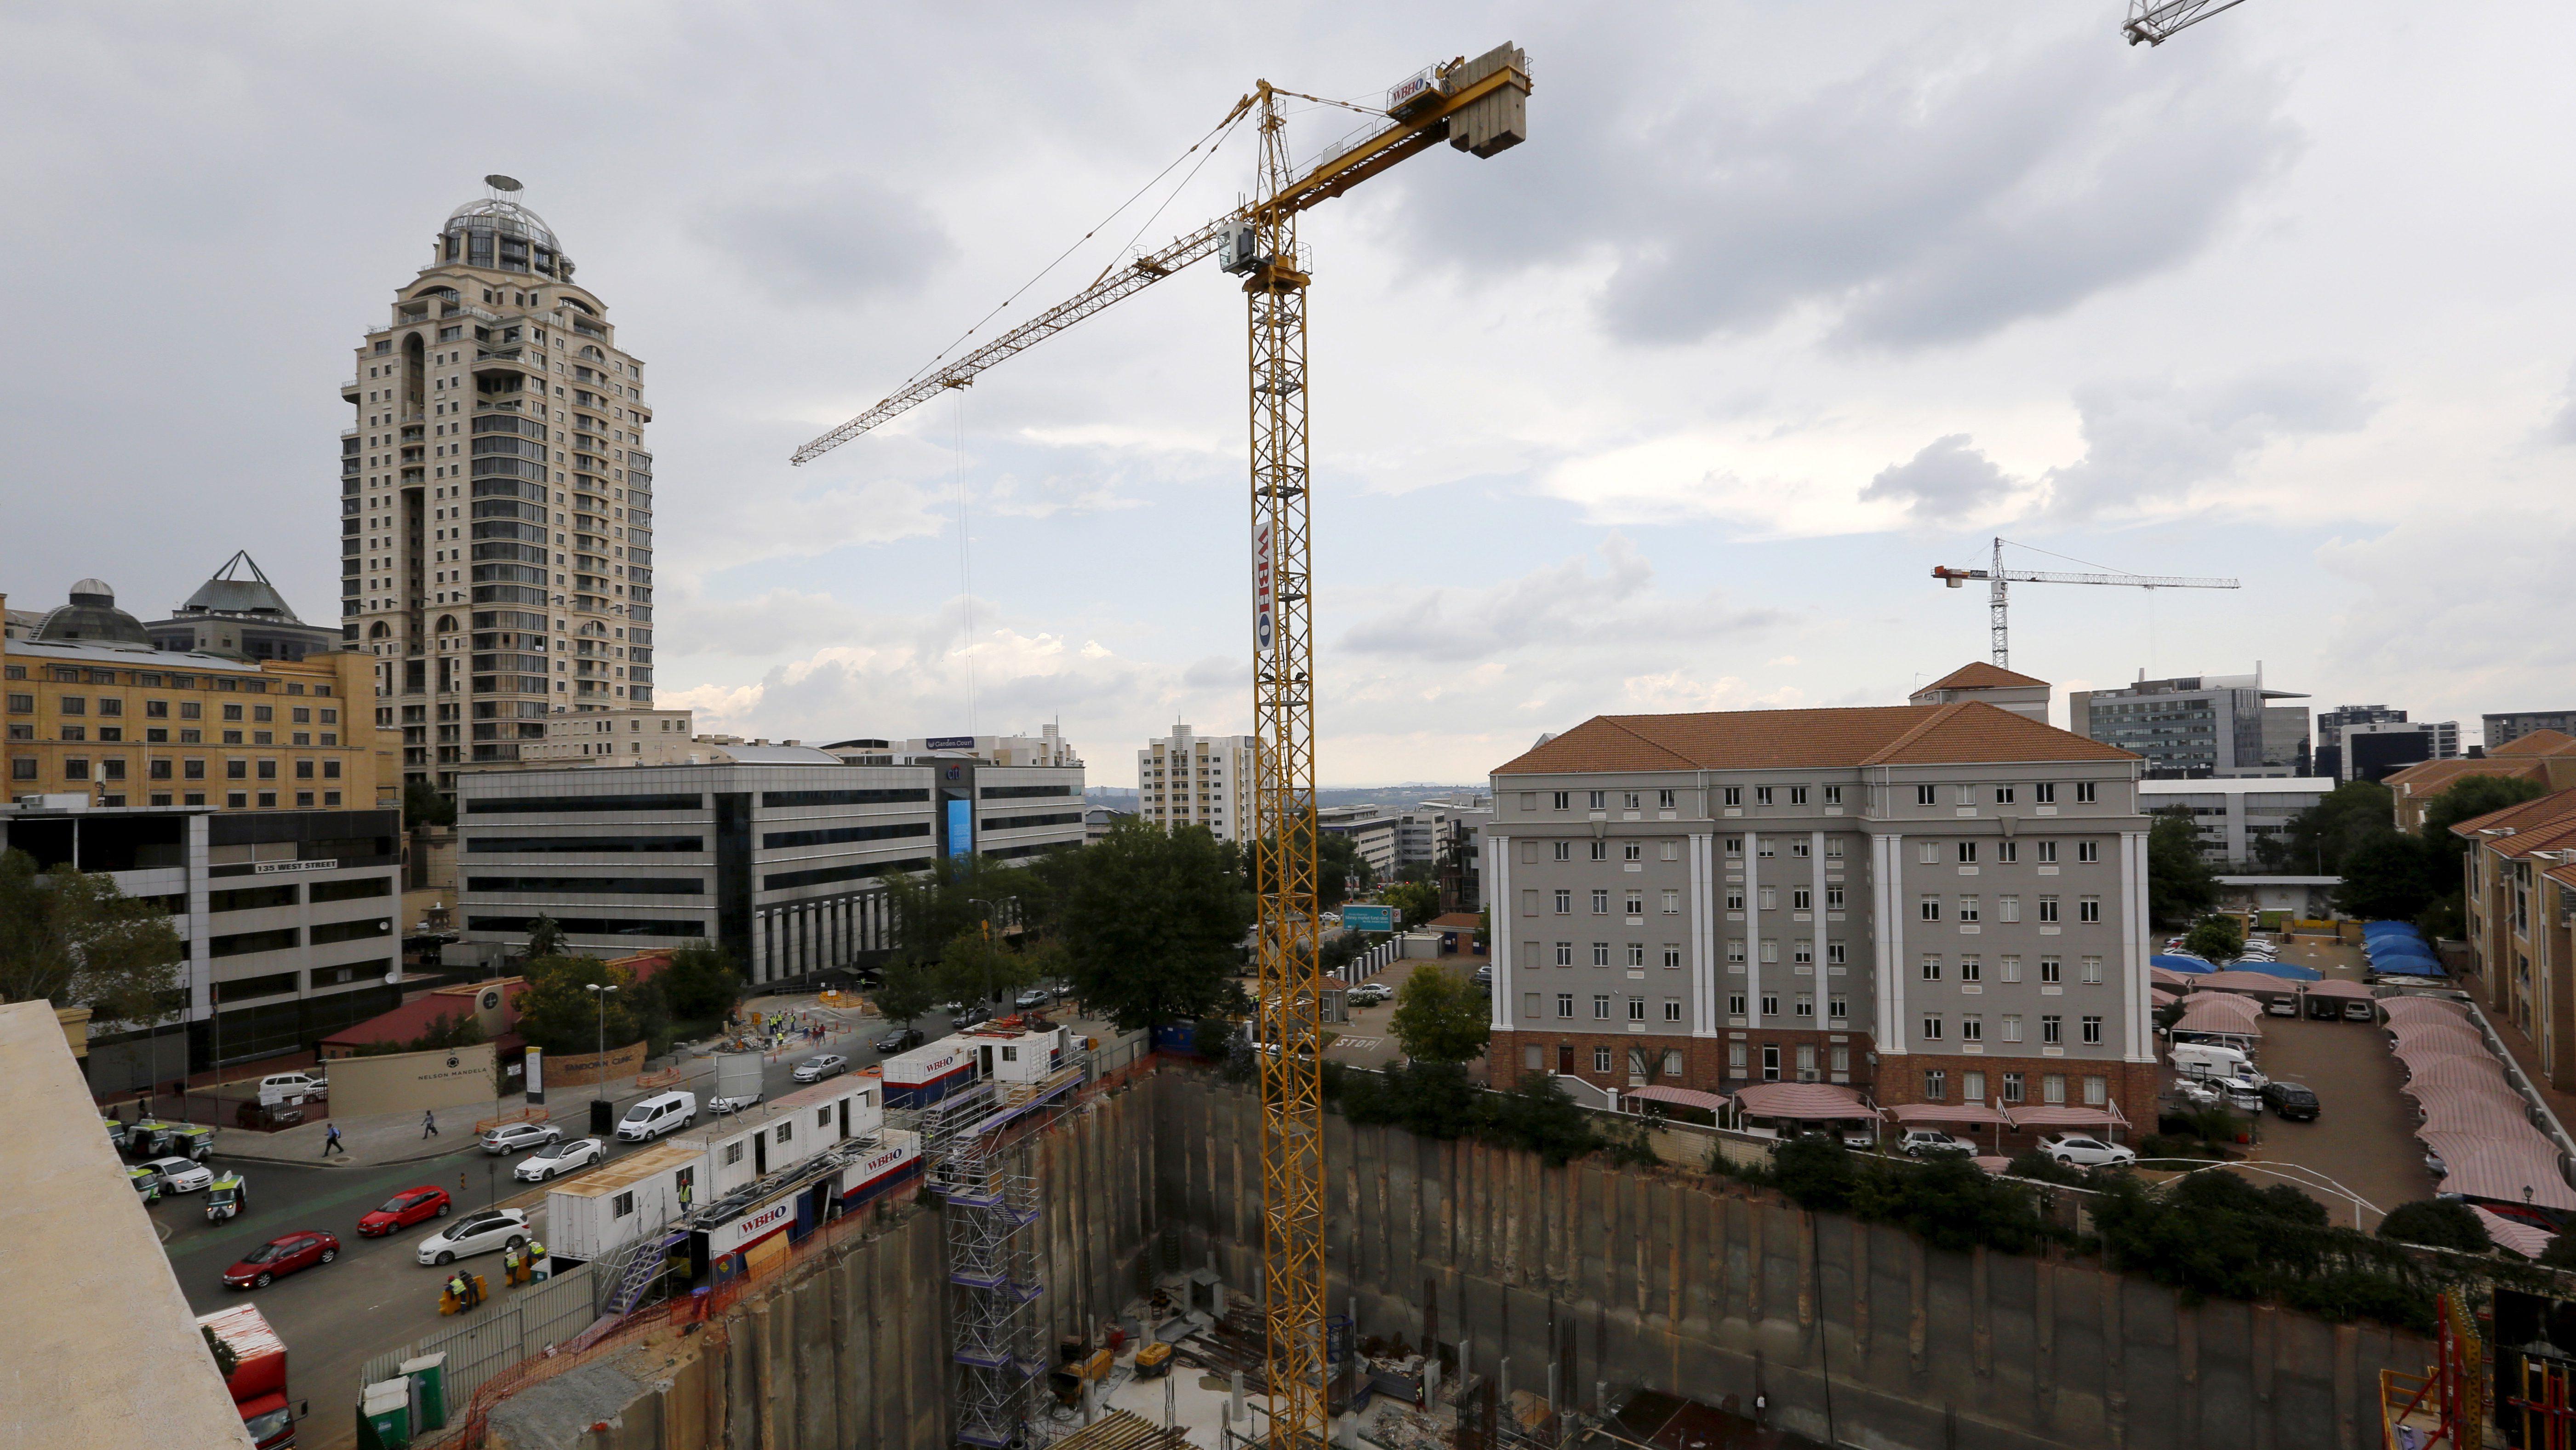 Construction is seen below the skyline of Johannesburg's upmarket Sandton suburb